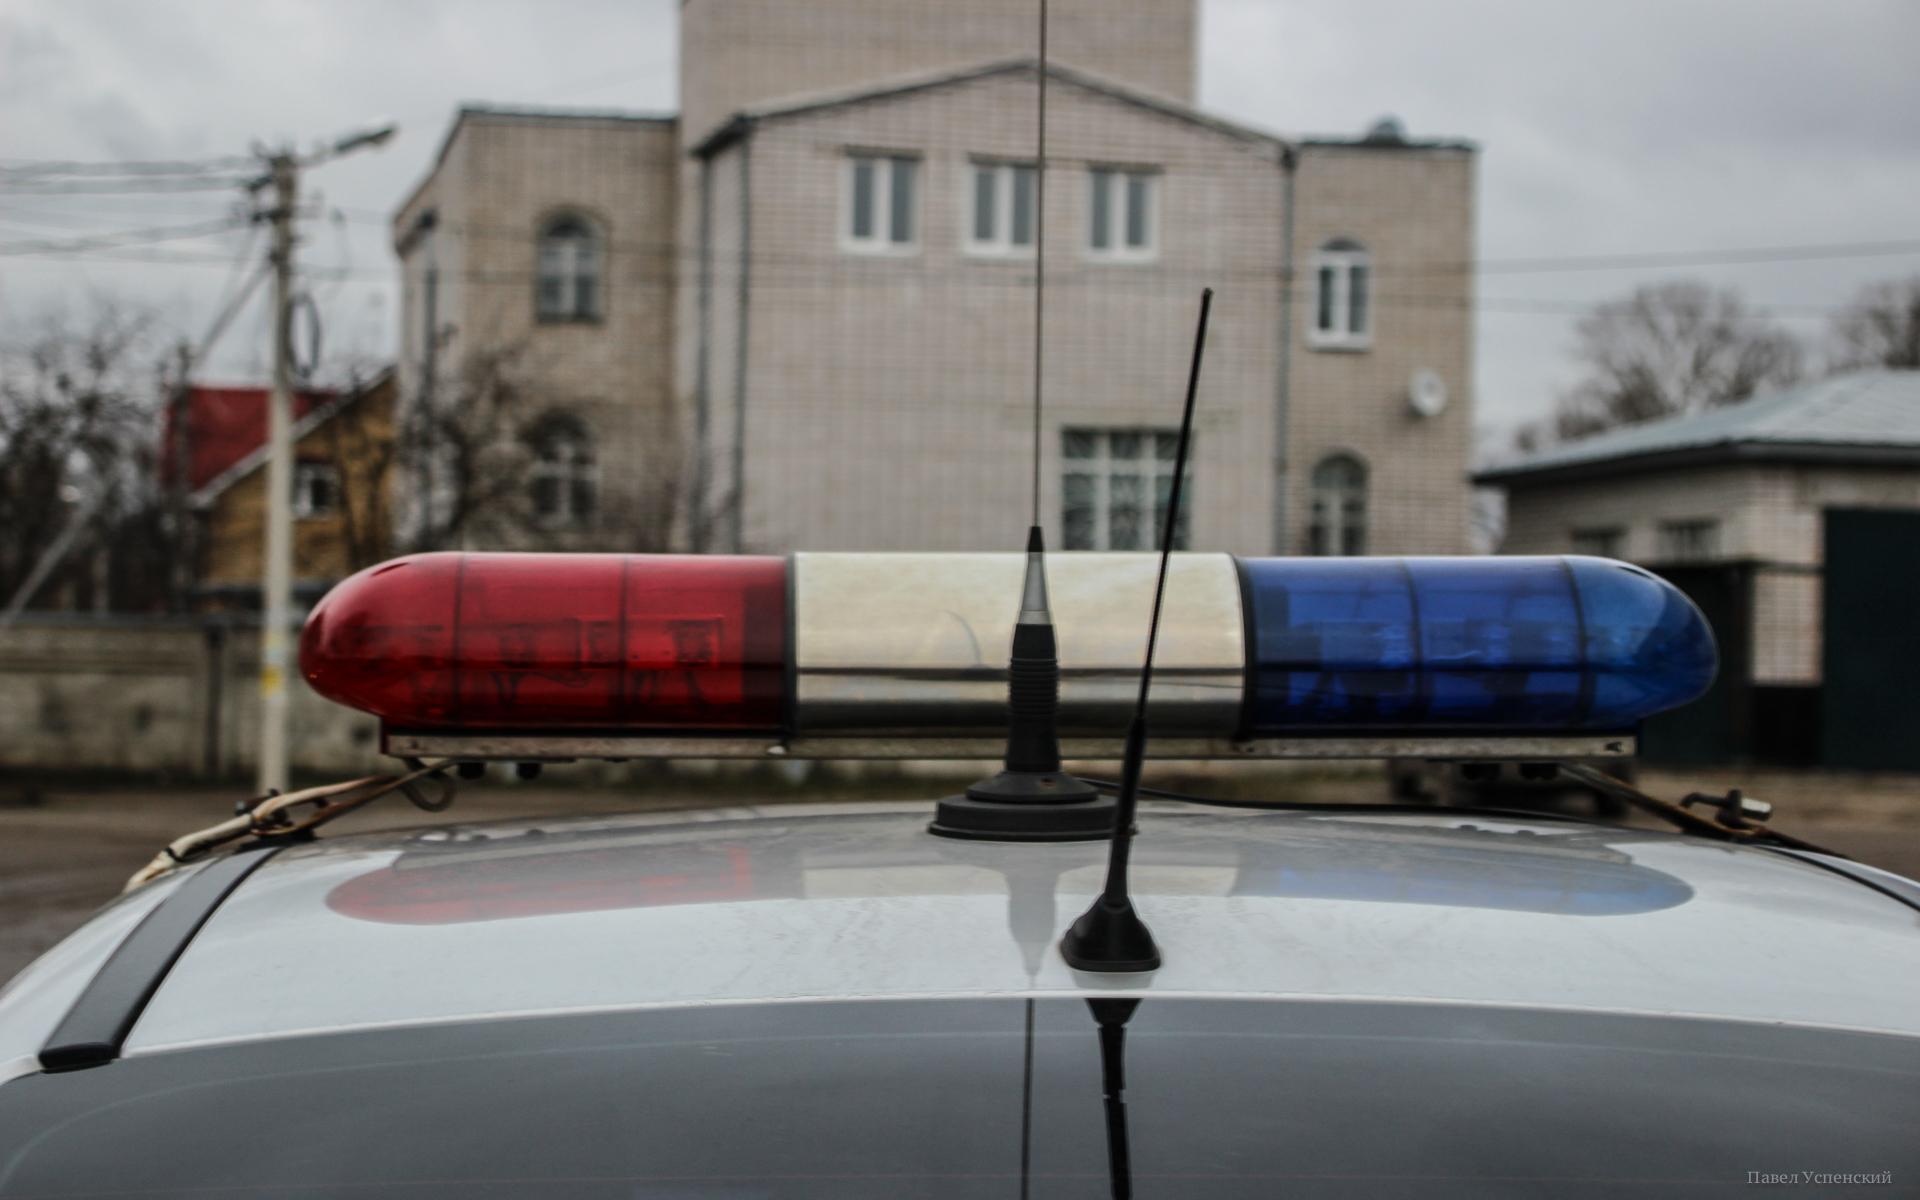 В Тверской области водитель УАЗа, пытаясь разъехаться со встречным автомобилем, сбил женщину - новости Афанасий